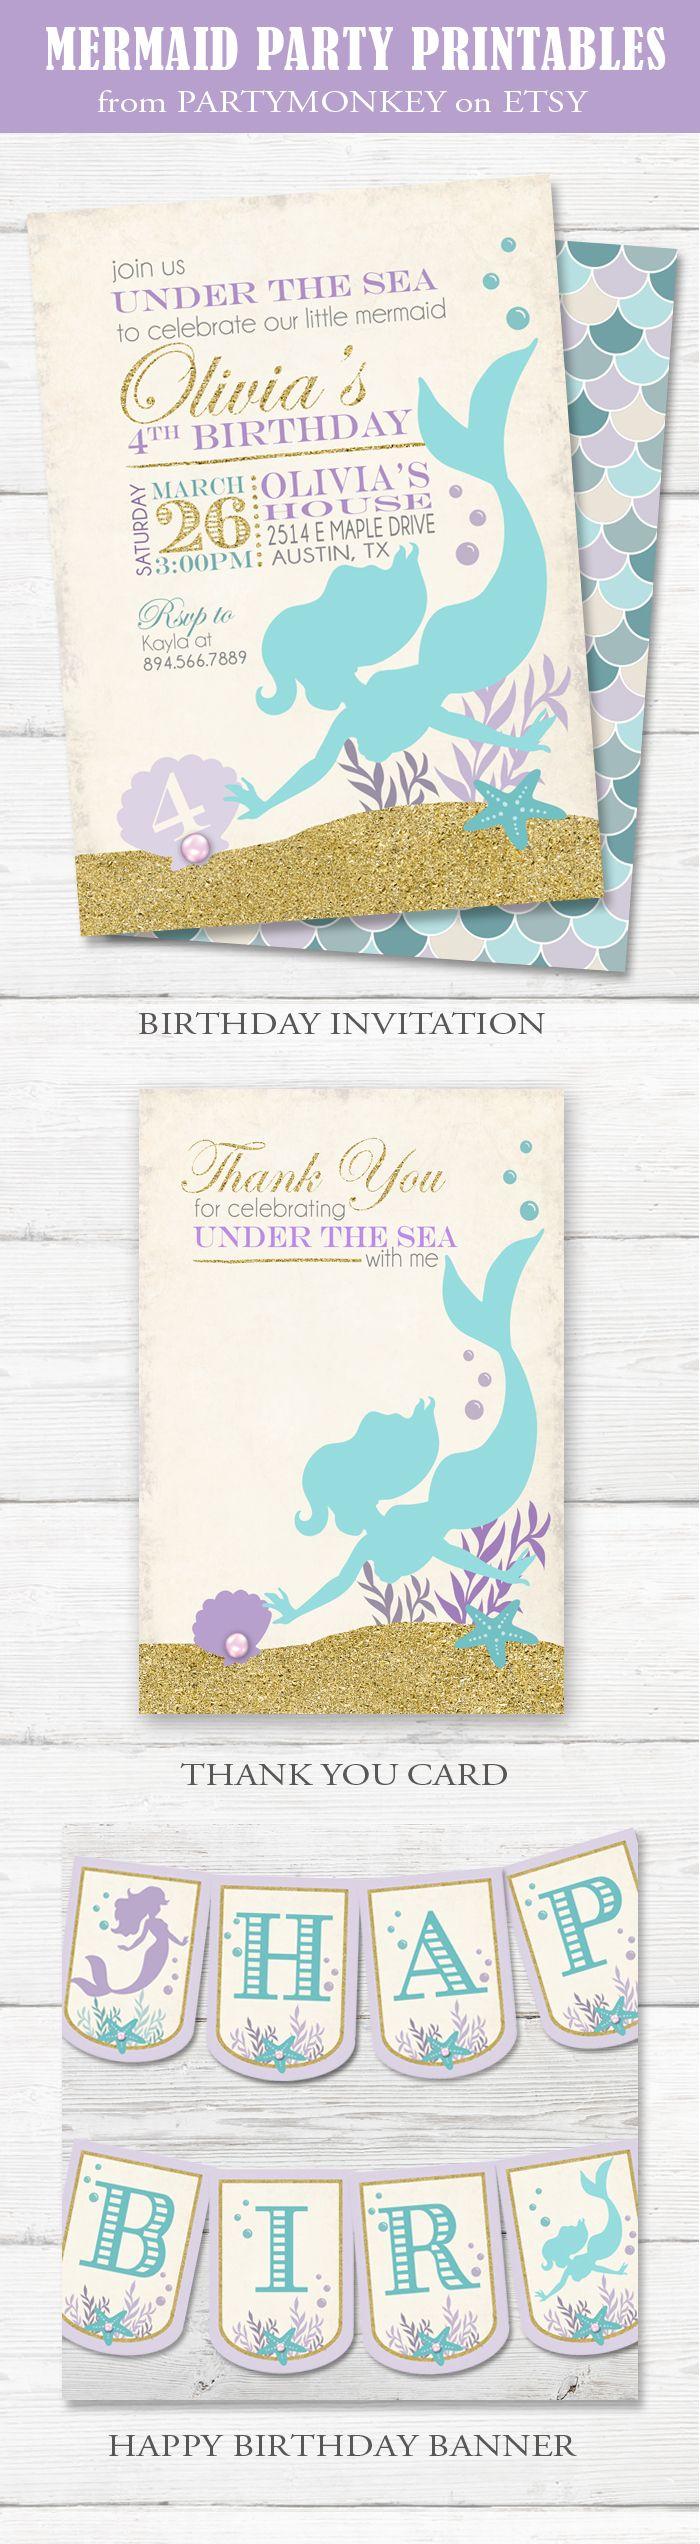 Best 25 Mermaid birthday invites ideas – Mermaid Party Invitations Printable